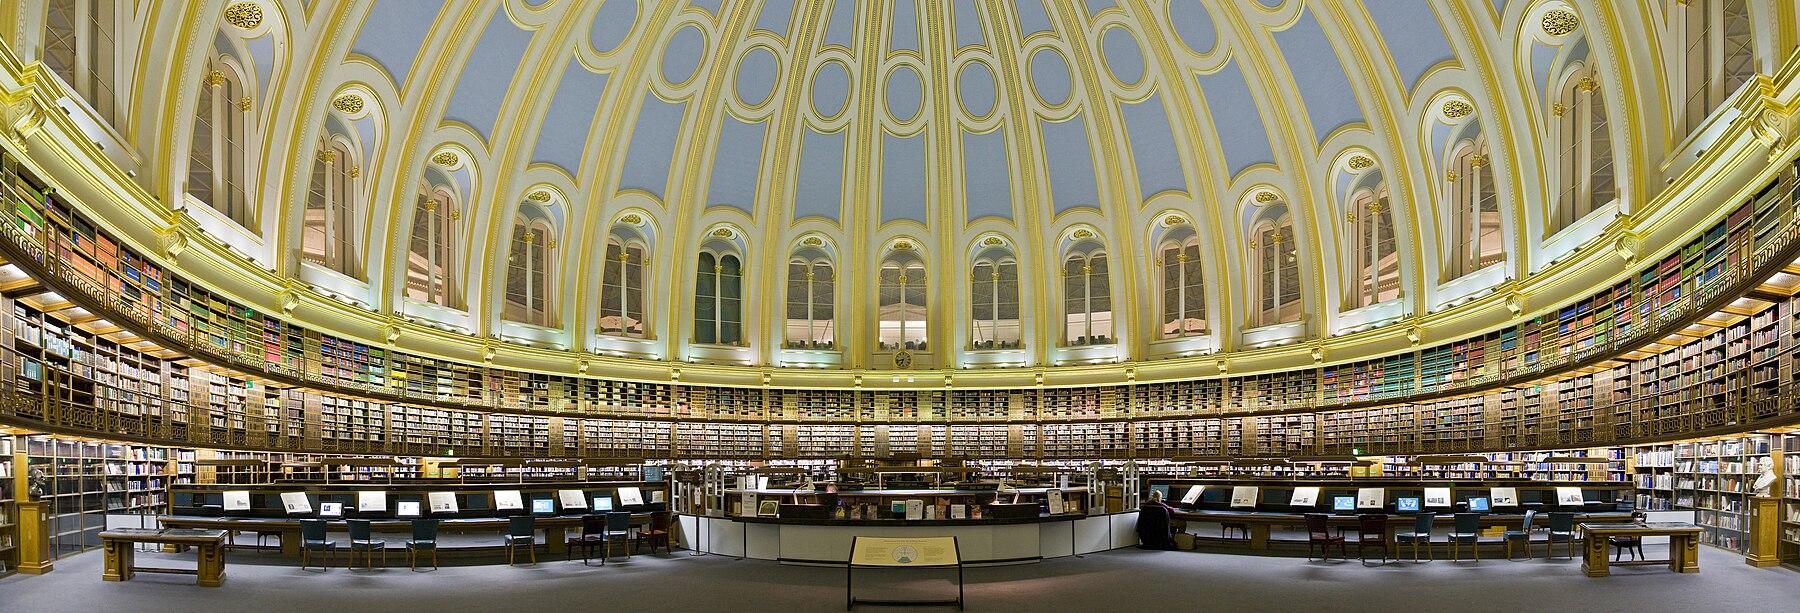 методики лондон самая большая библиотека в мире фото вам